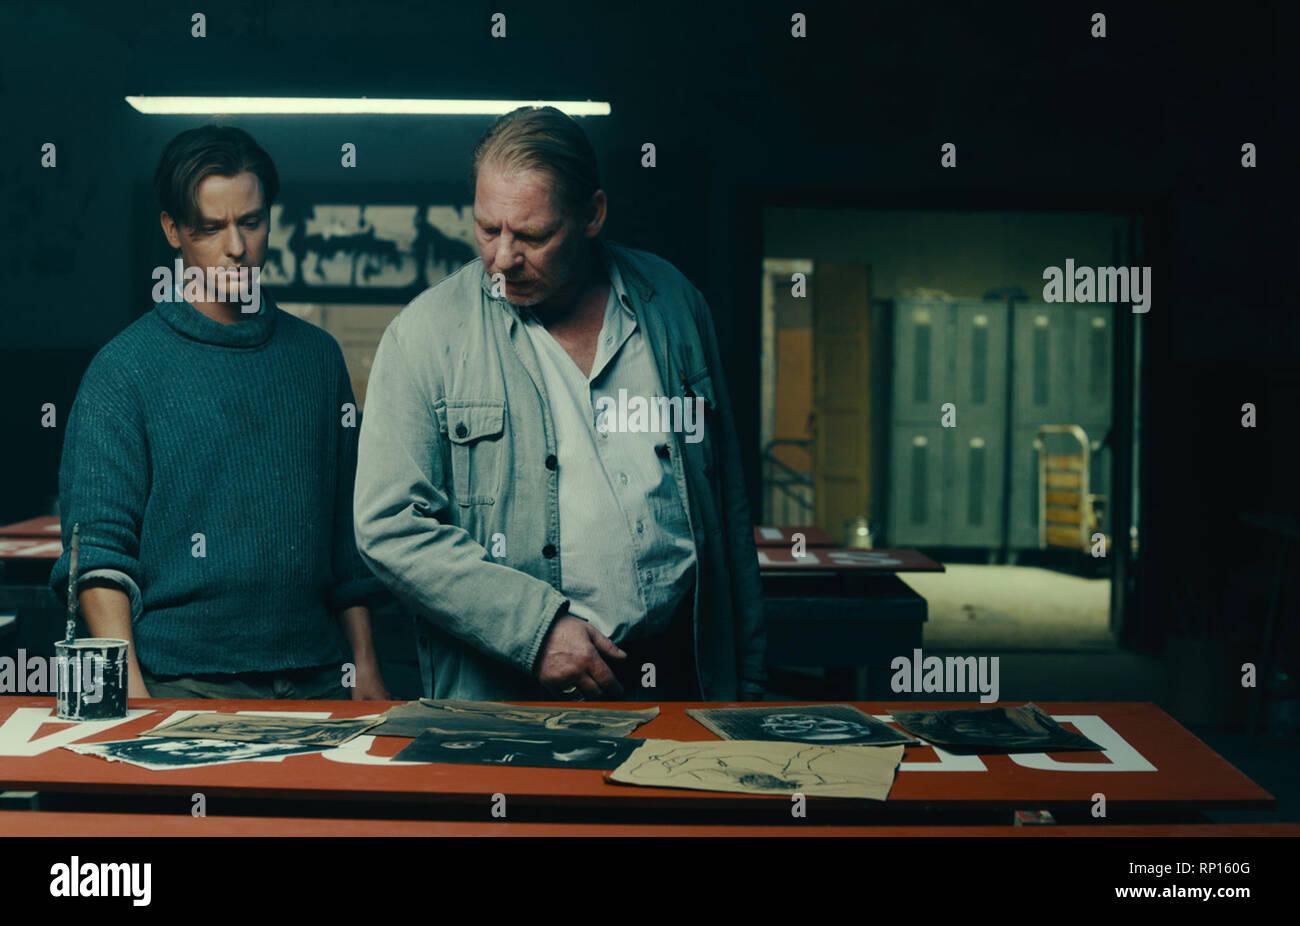 Prod DB © Pergamon Film - Wiedemann & Berg Filmproduktion - Beta Cinema - ARD Degeto Film / DR NEVER LOOK AWAY WERK OHNE AUTOR de Florian Henckel von - Stock Image